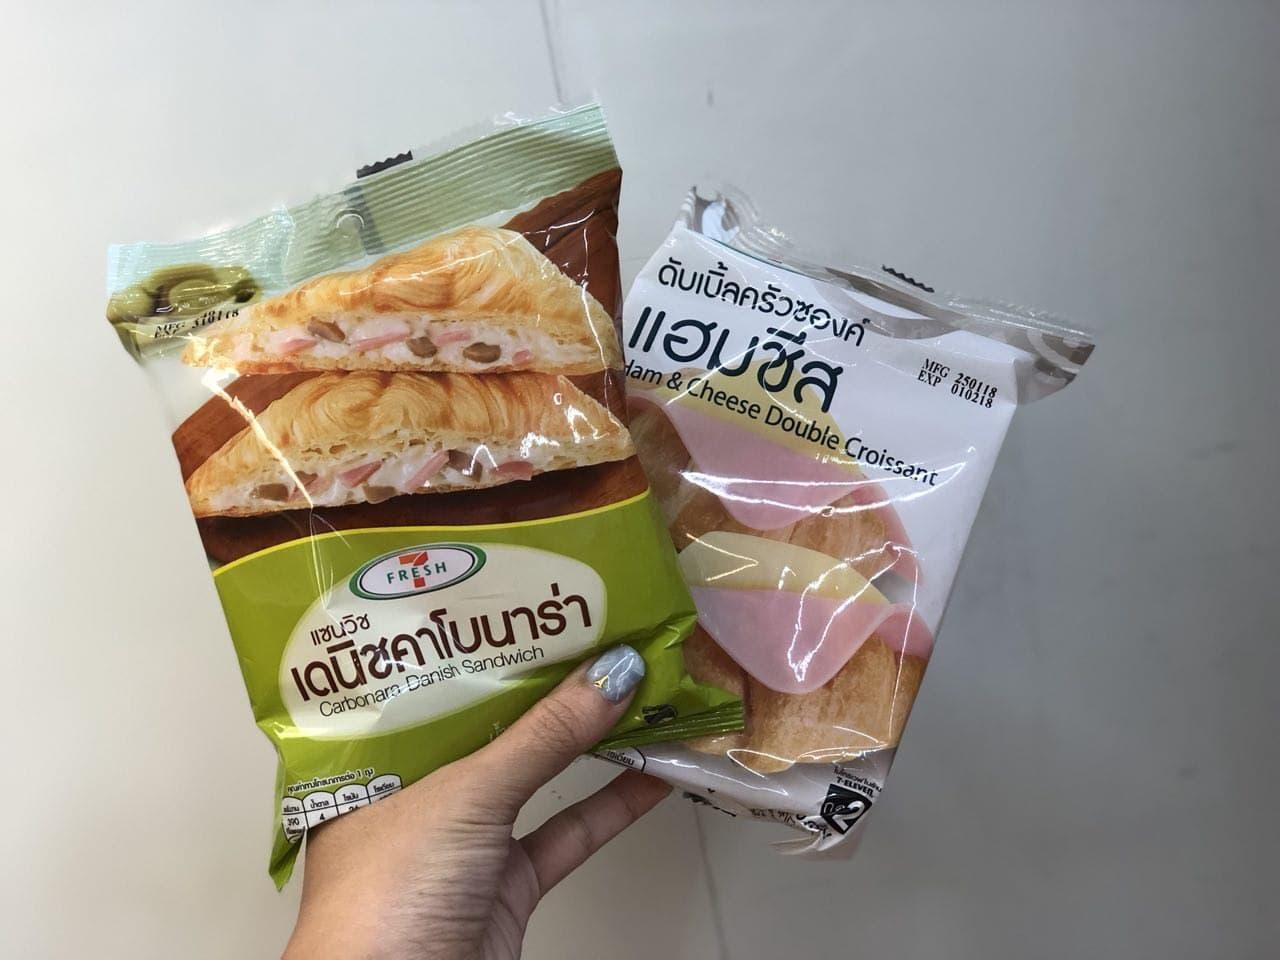 Bánh mì sừng là một trong những món ăn ở 7-11 bangkok